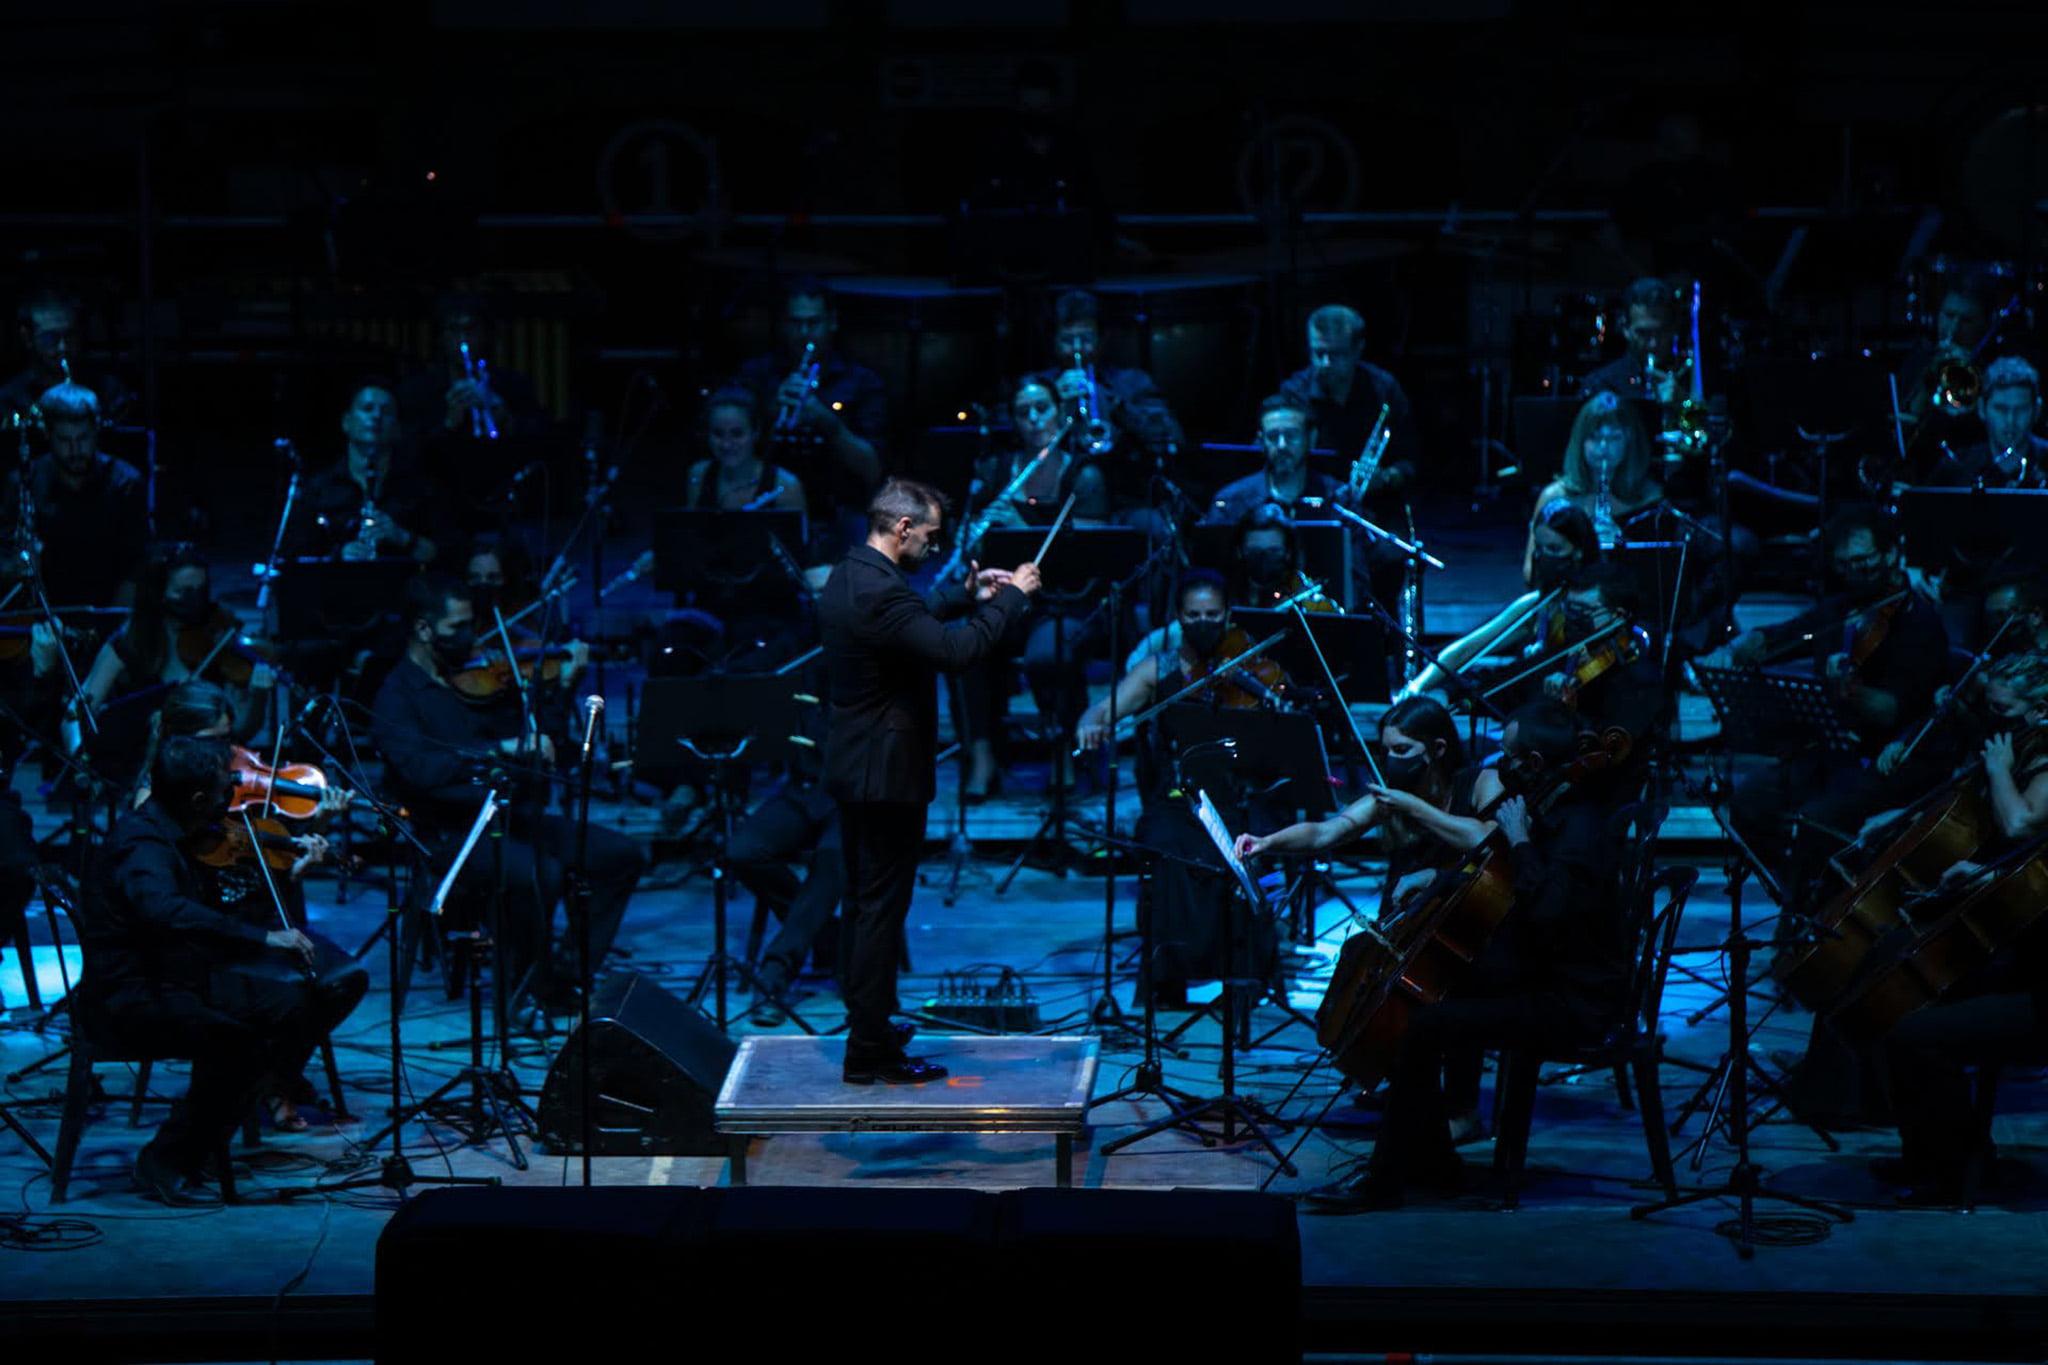 Festival de música de cine épico Sonafilm 2021